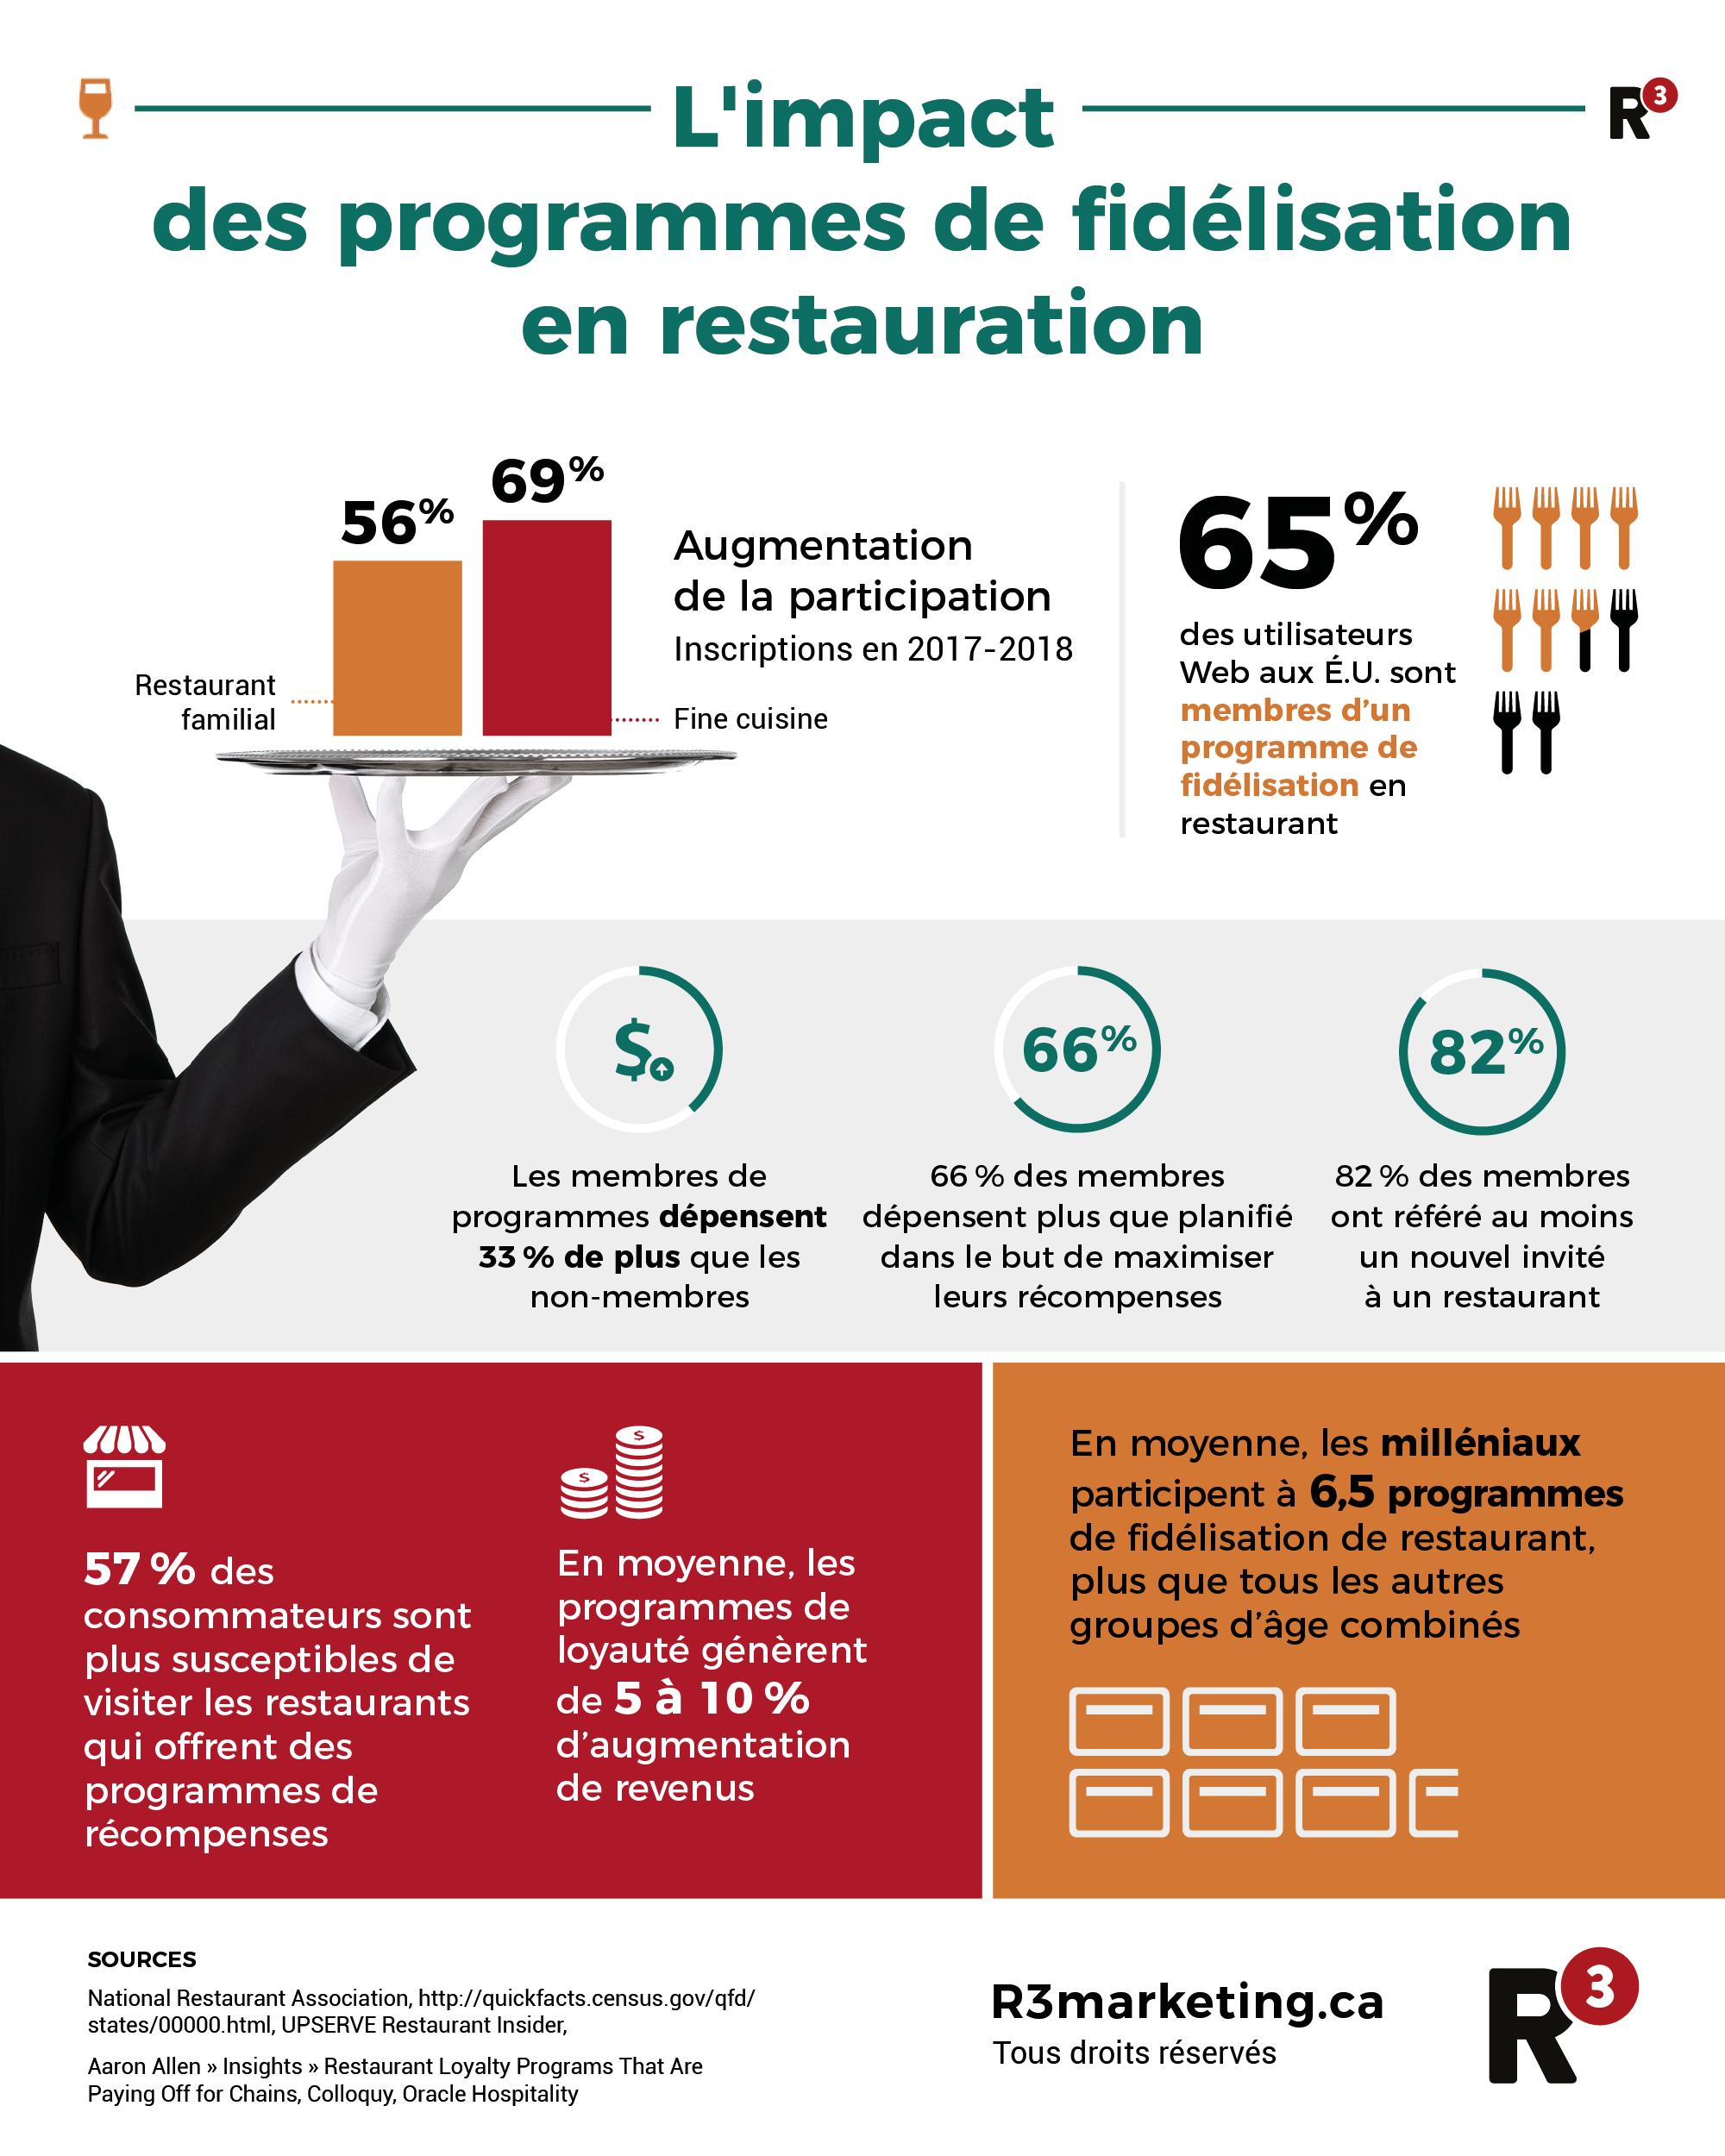 Infographie sur l'impact des programme de fidélisation en restauration